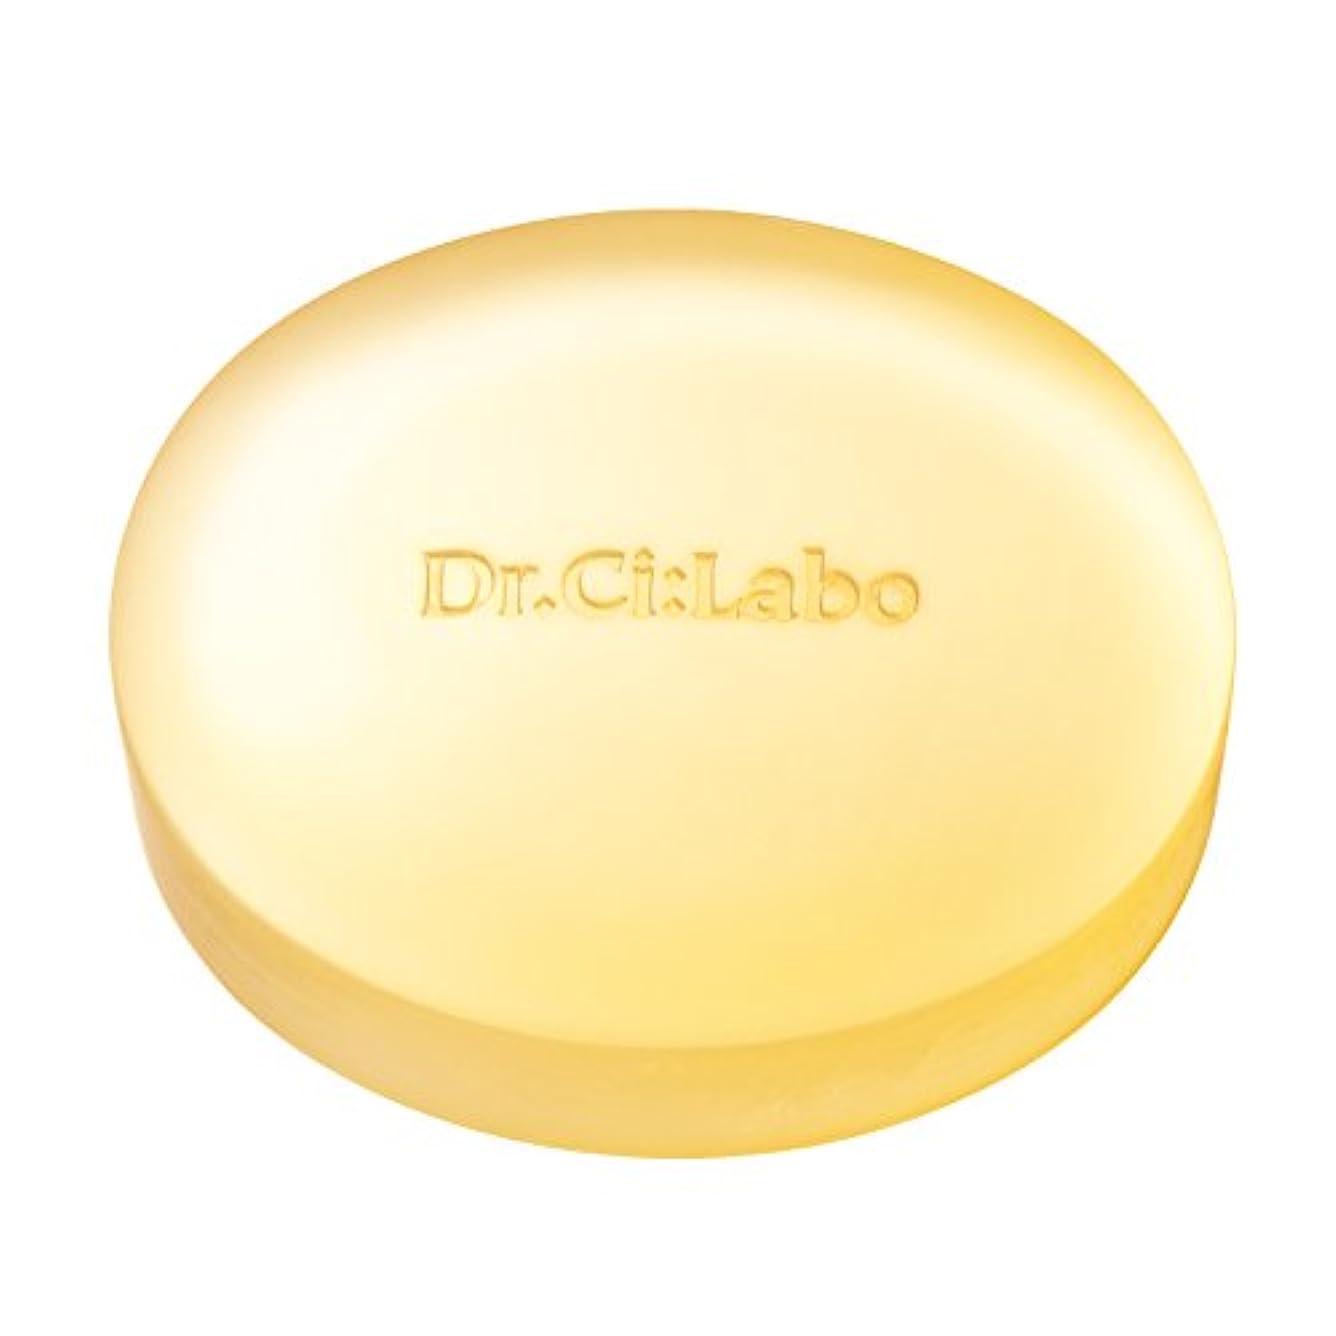 自動侵略グレードクターシーラボ フォトホワイトCホワイトソープ 角質オフ石鹸 90g 洗顔せっけん